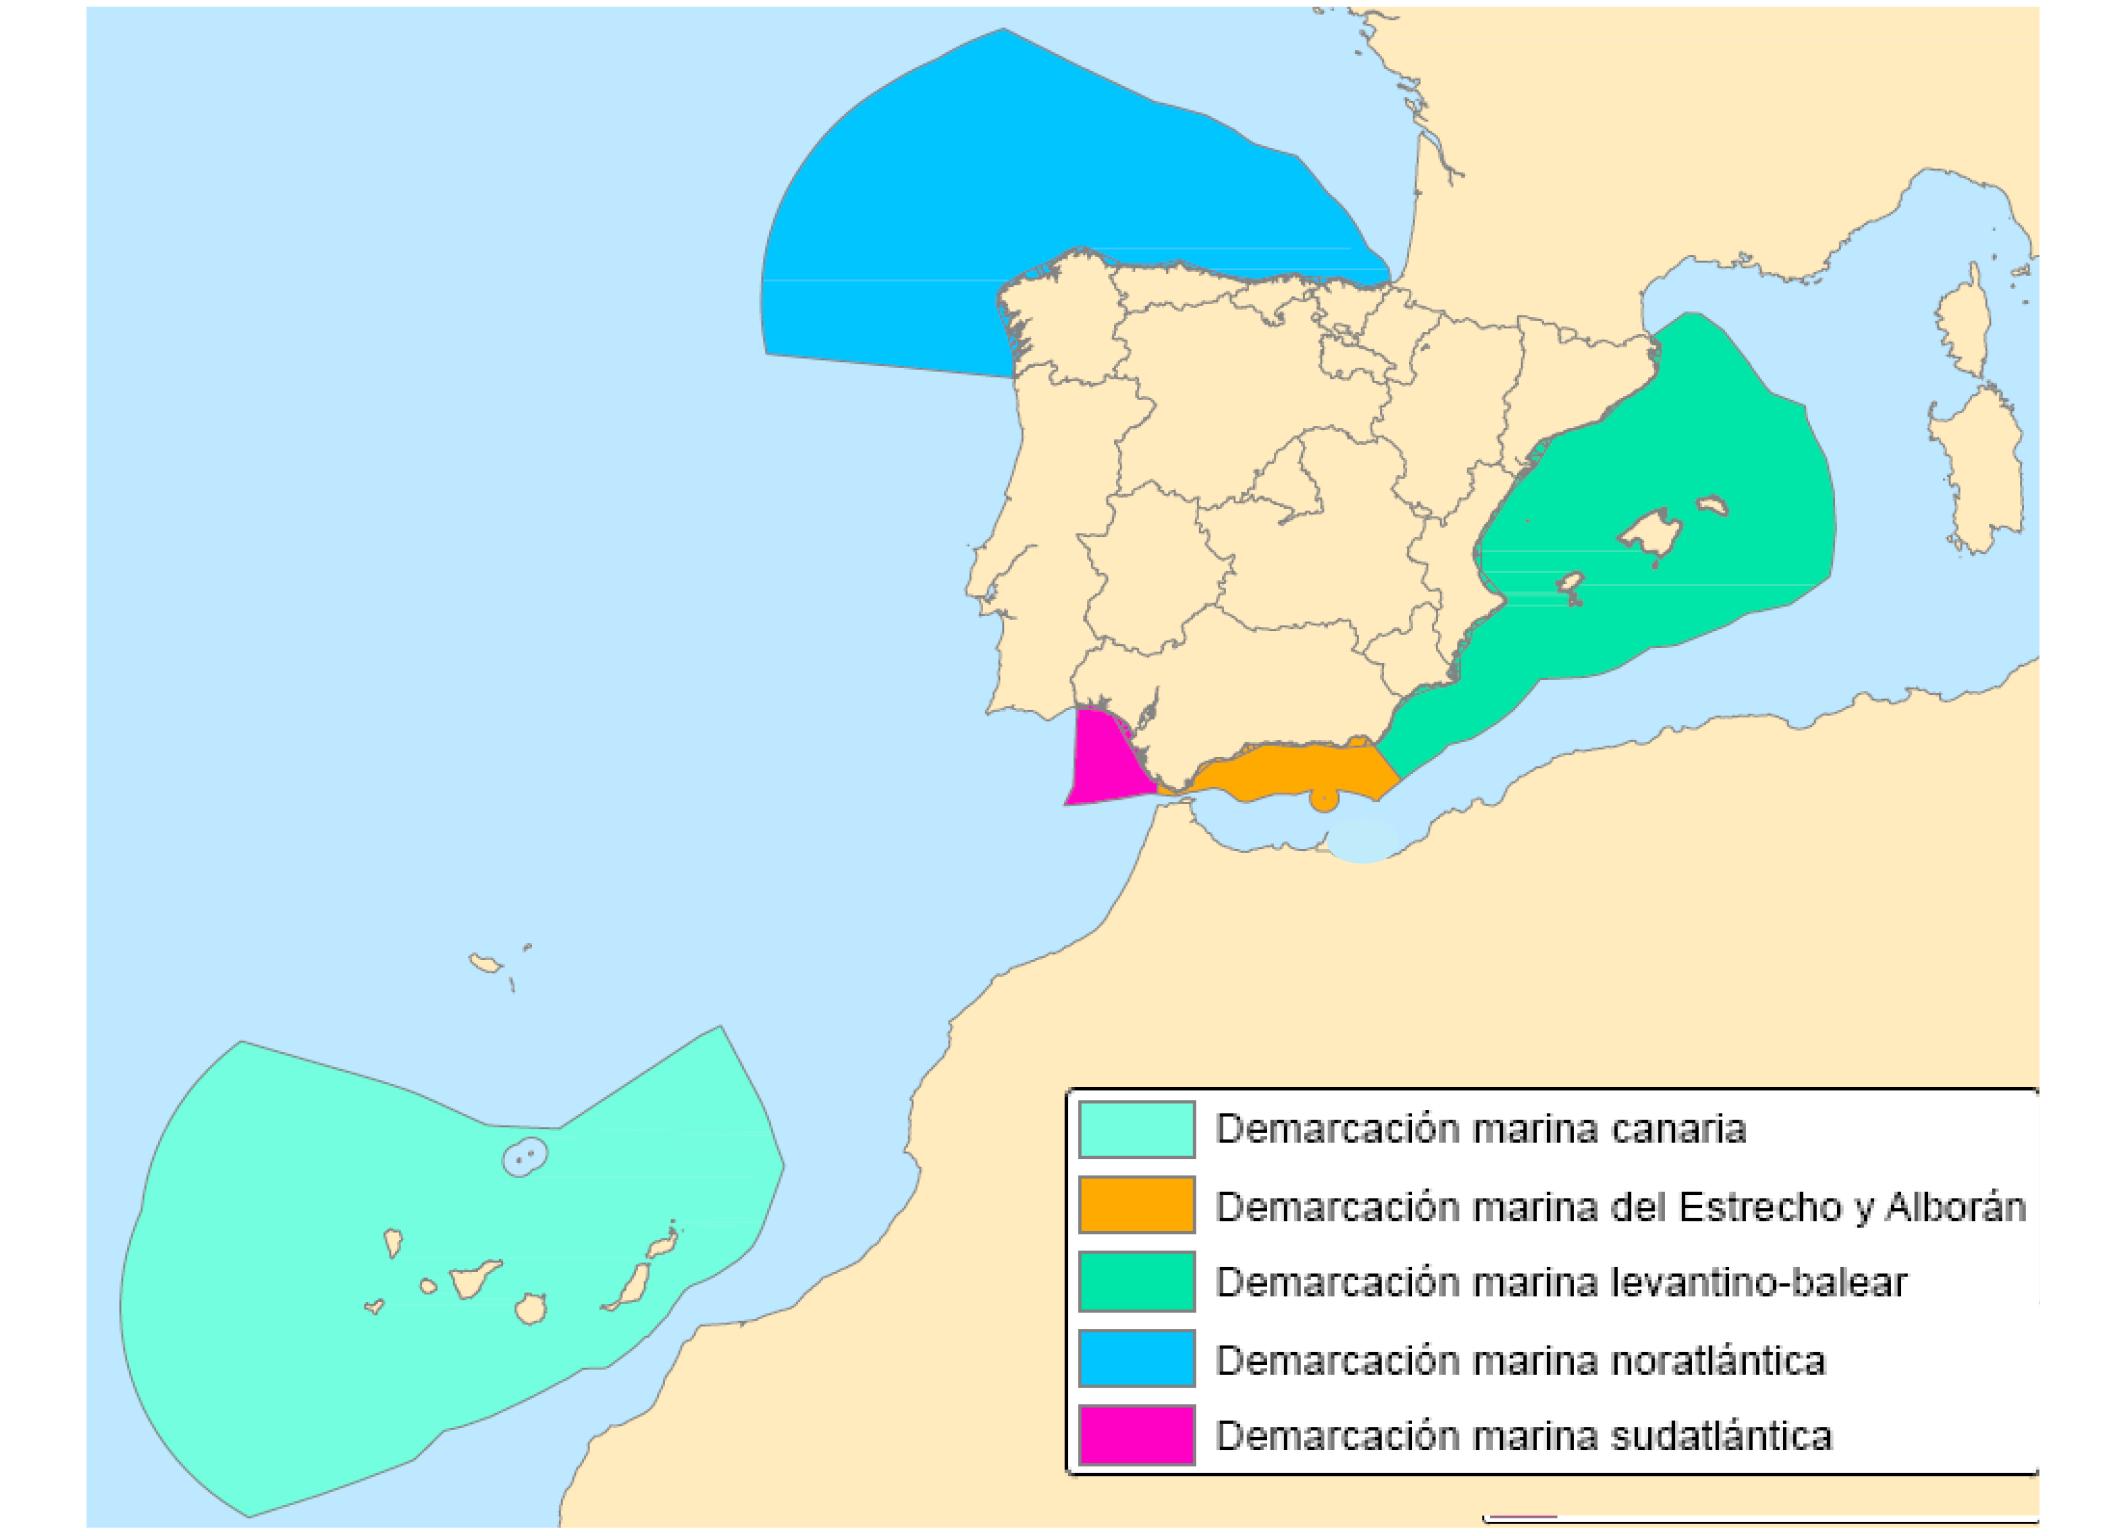 Aguas Territoriales Españolas Mapa.Boe Es Documento Boe A 2017 5577